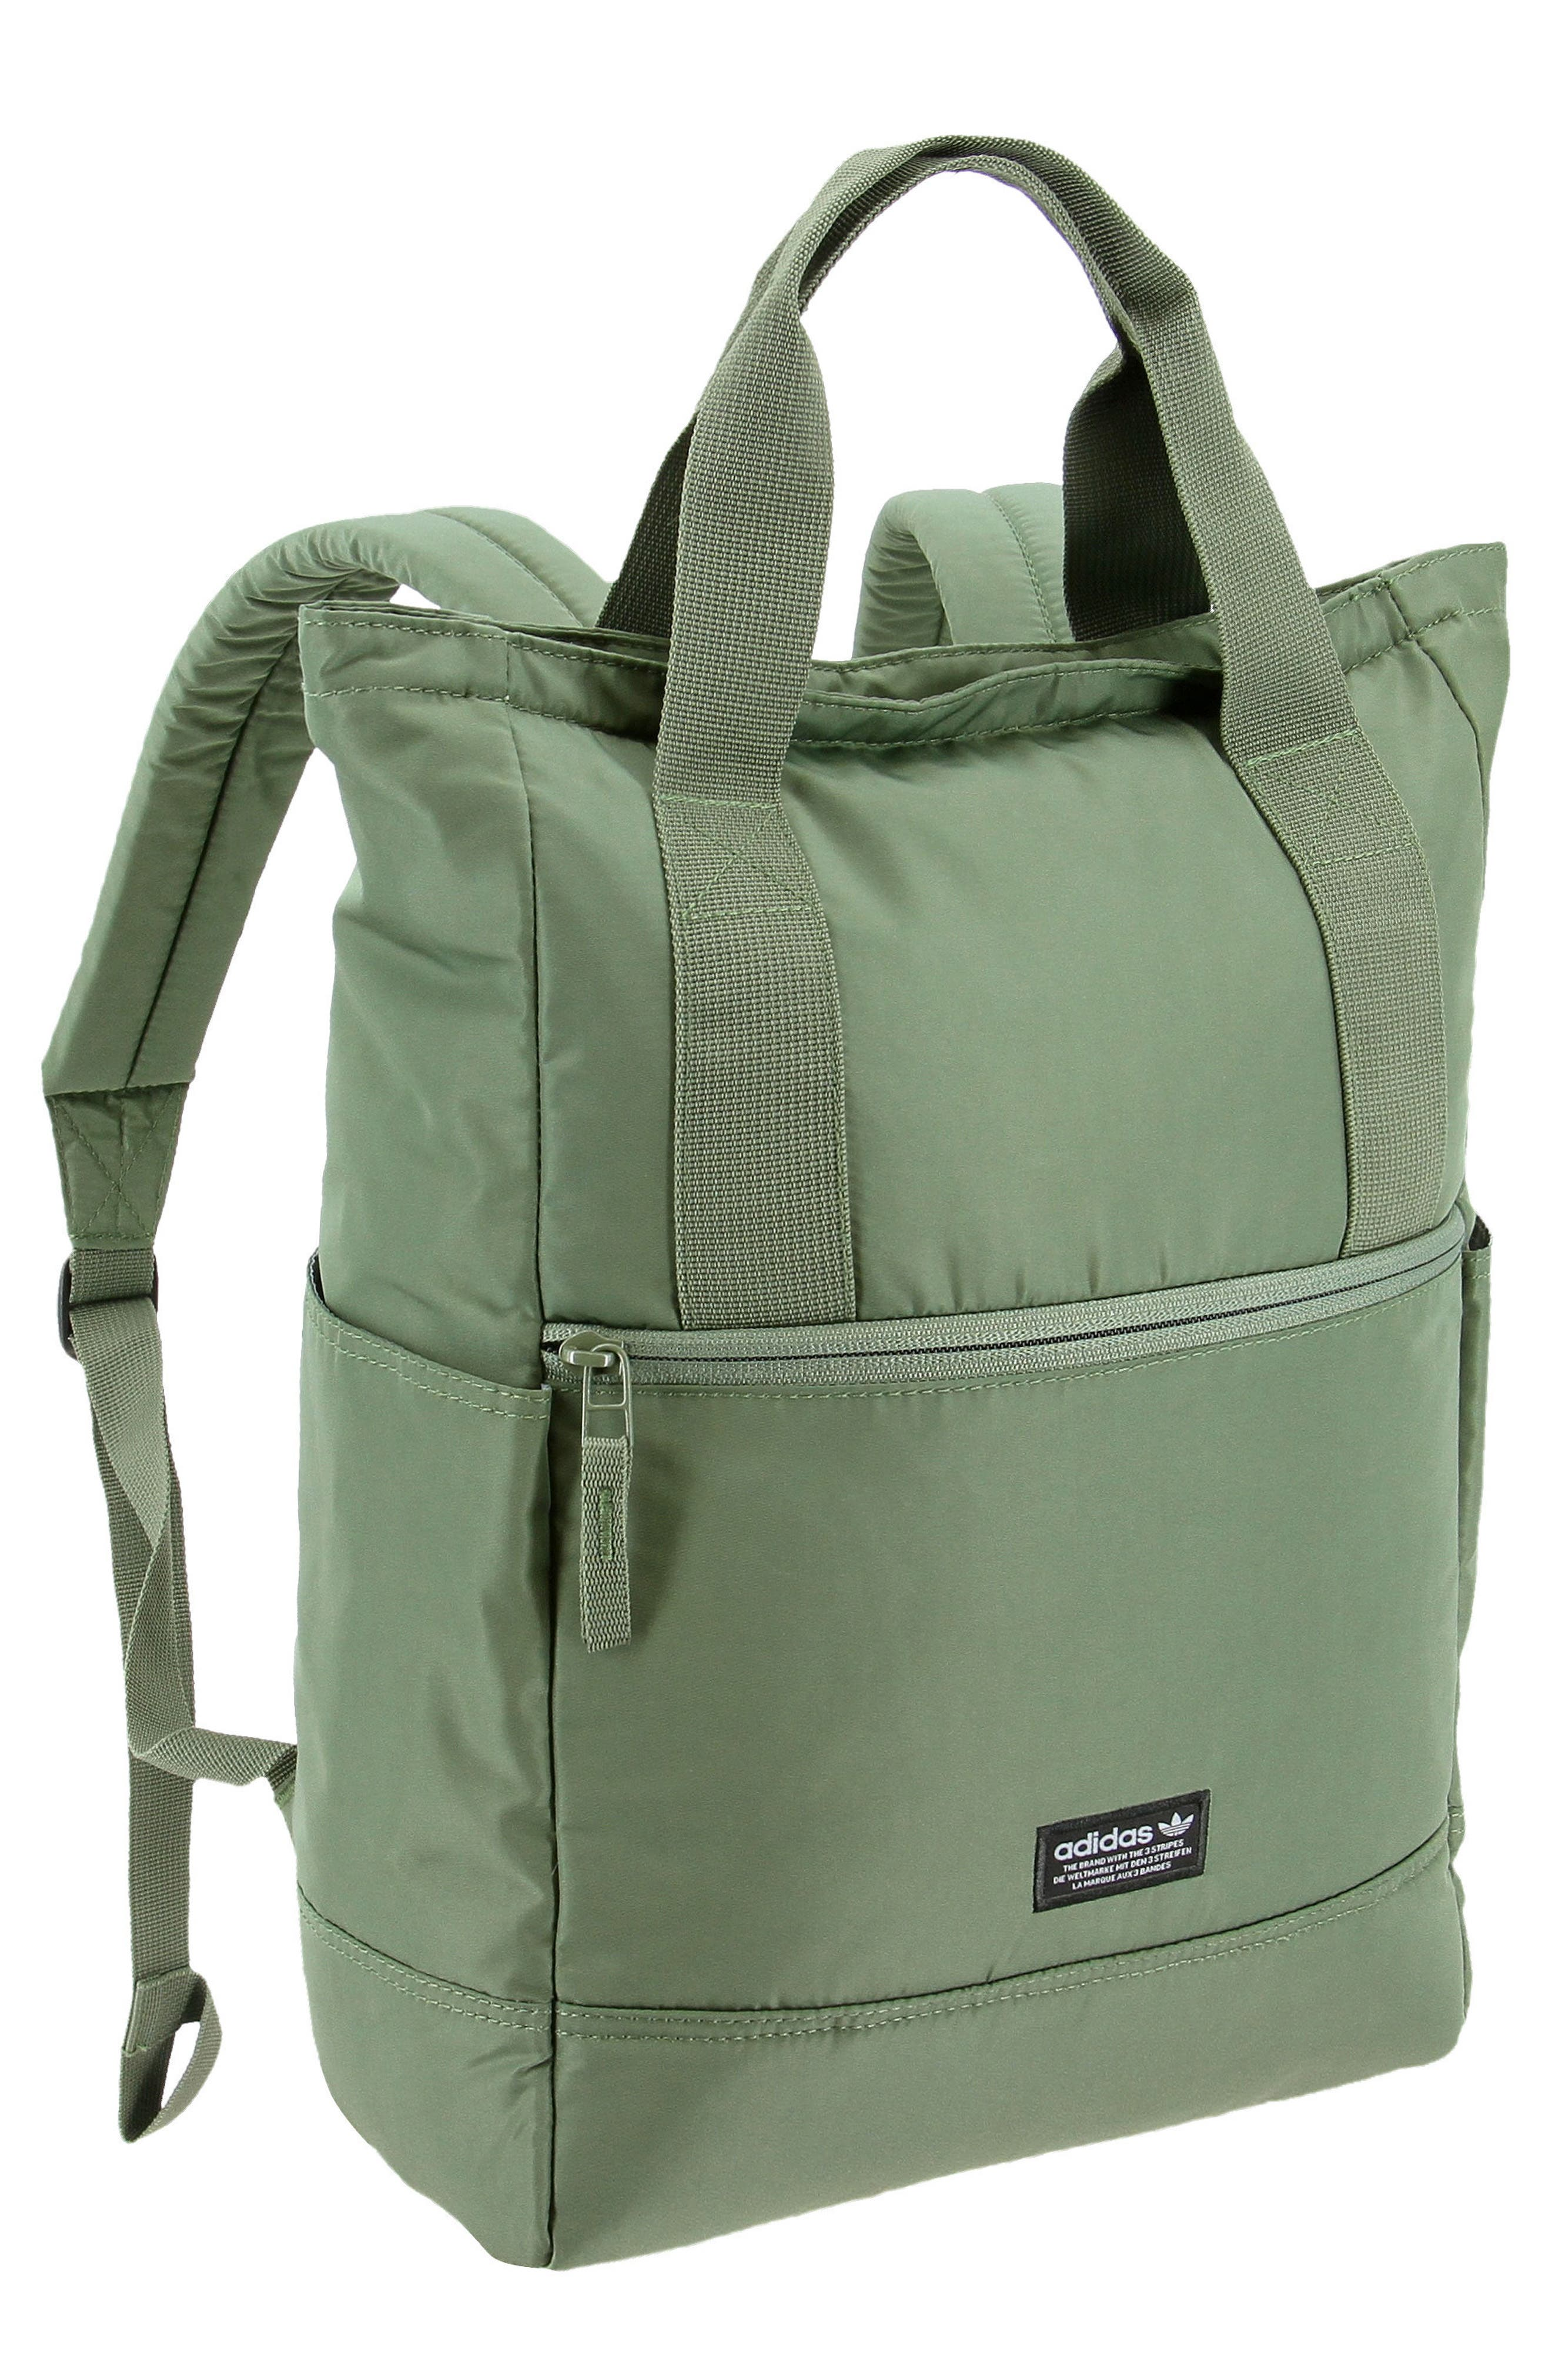 Originals Tote Pack II Backpack,                             Main thumbnail 1, color,                             Dark Green